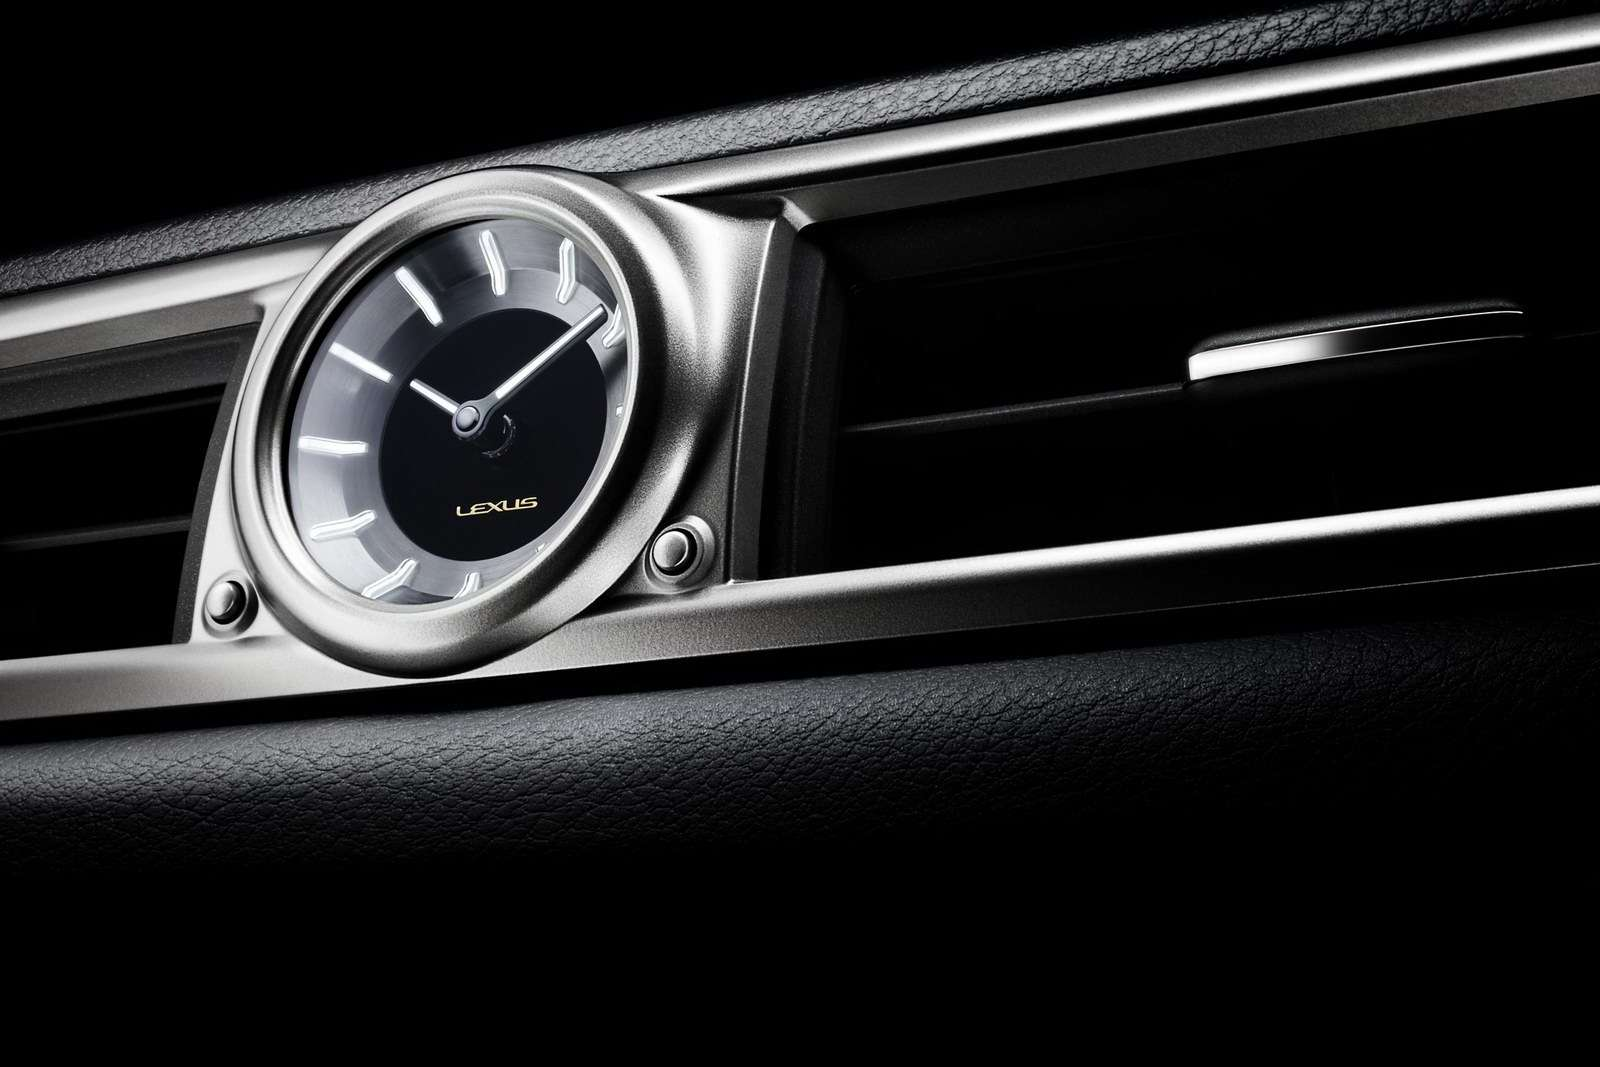 2013 Lexus GS oficjalnie fot sierpien 2011